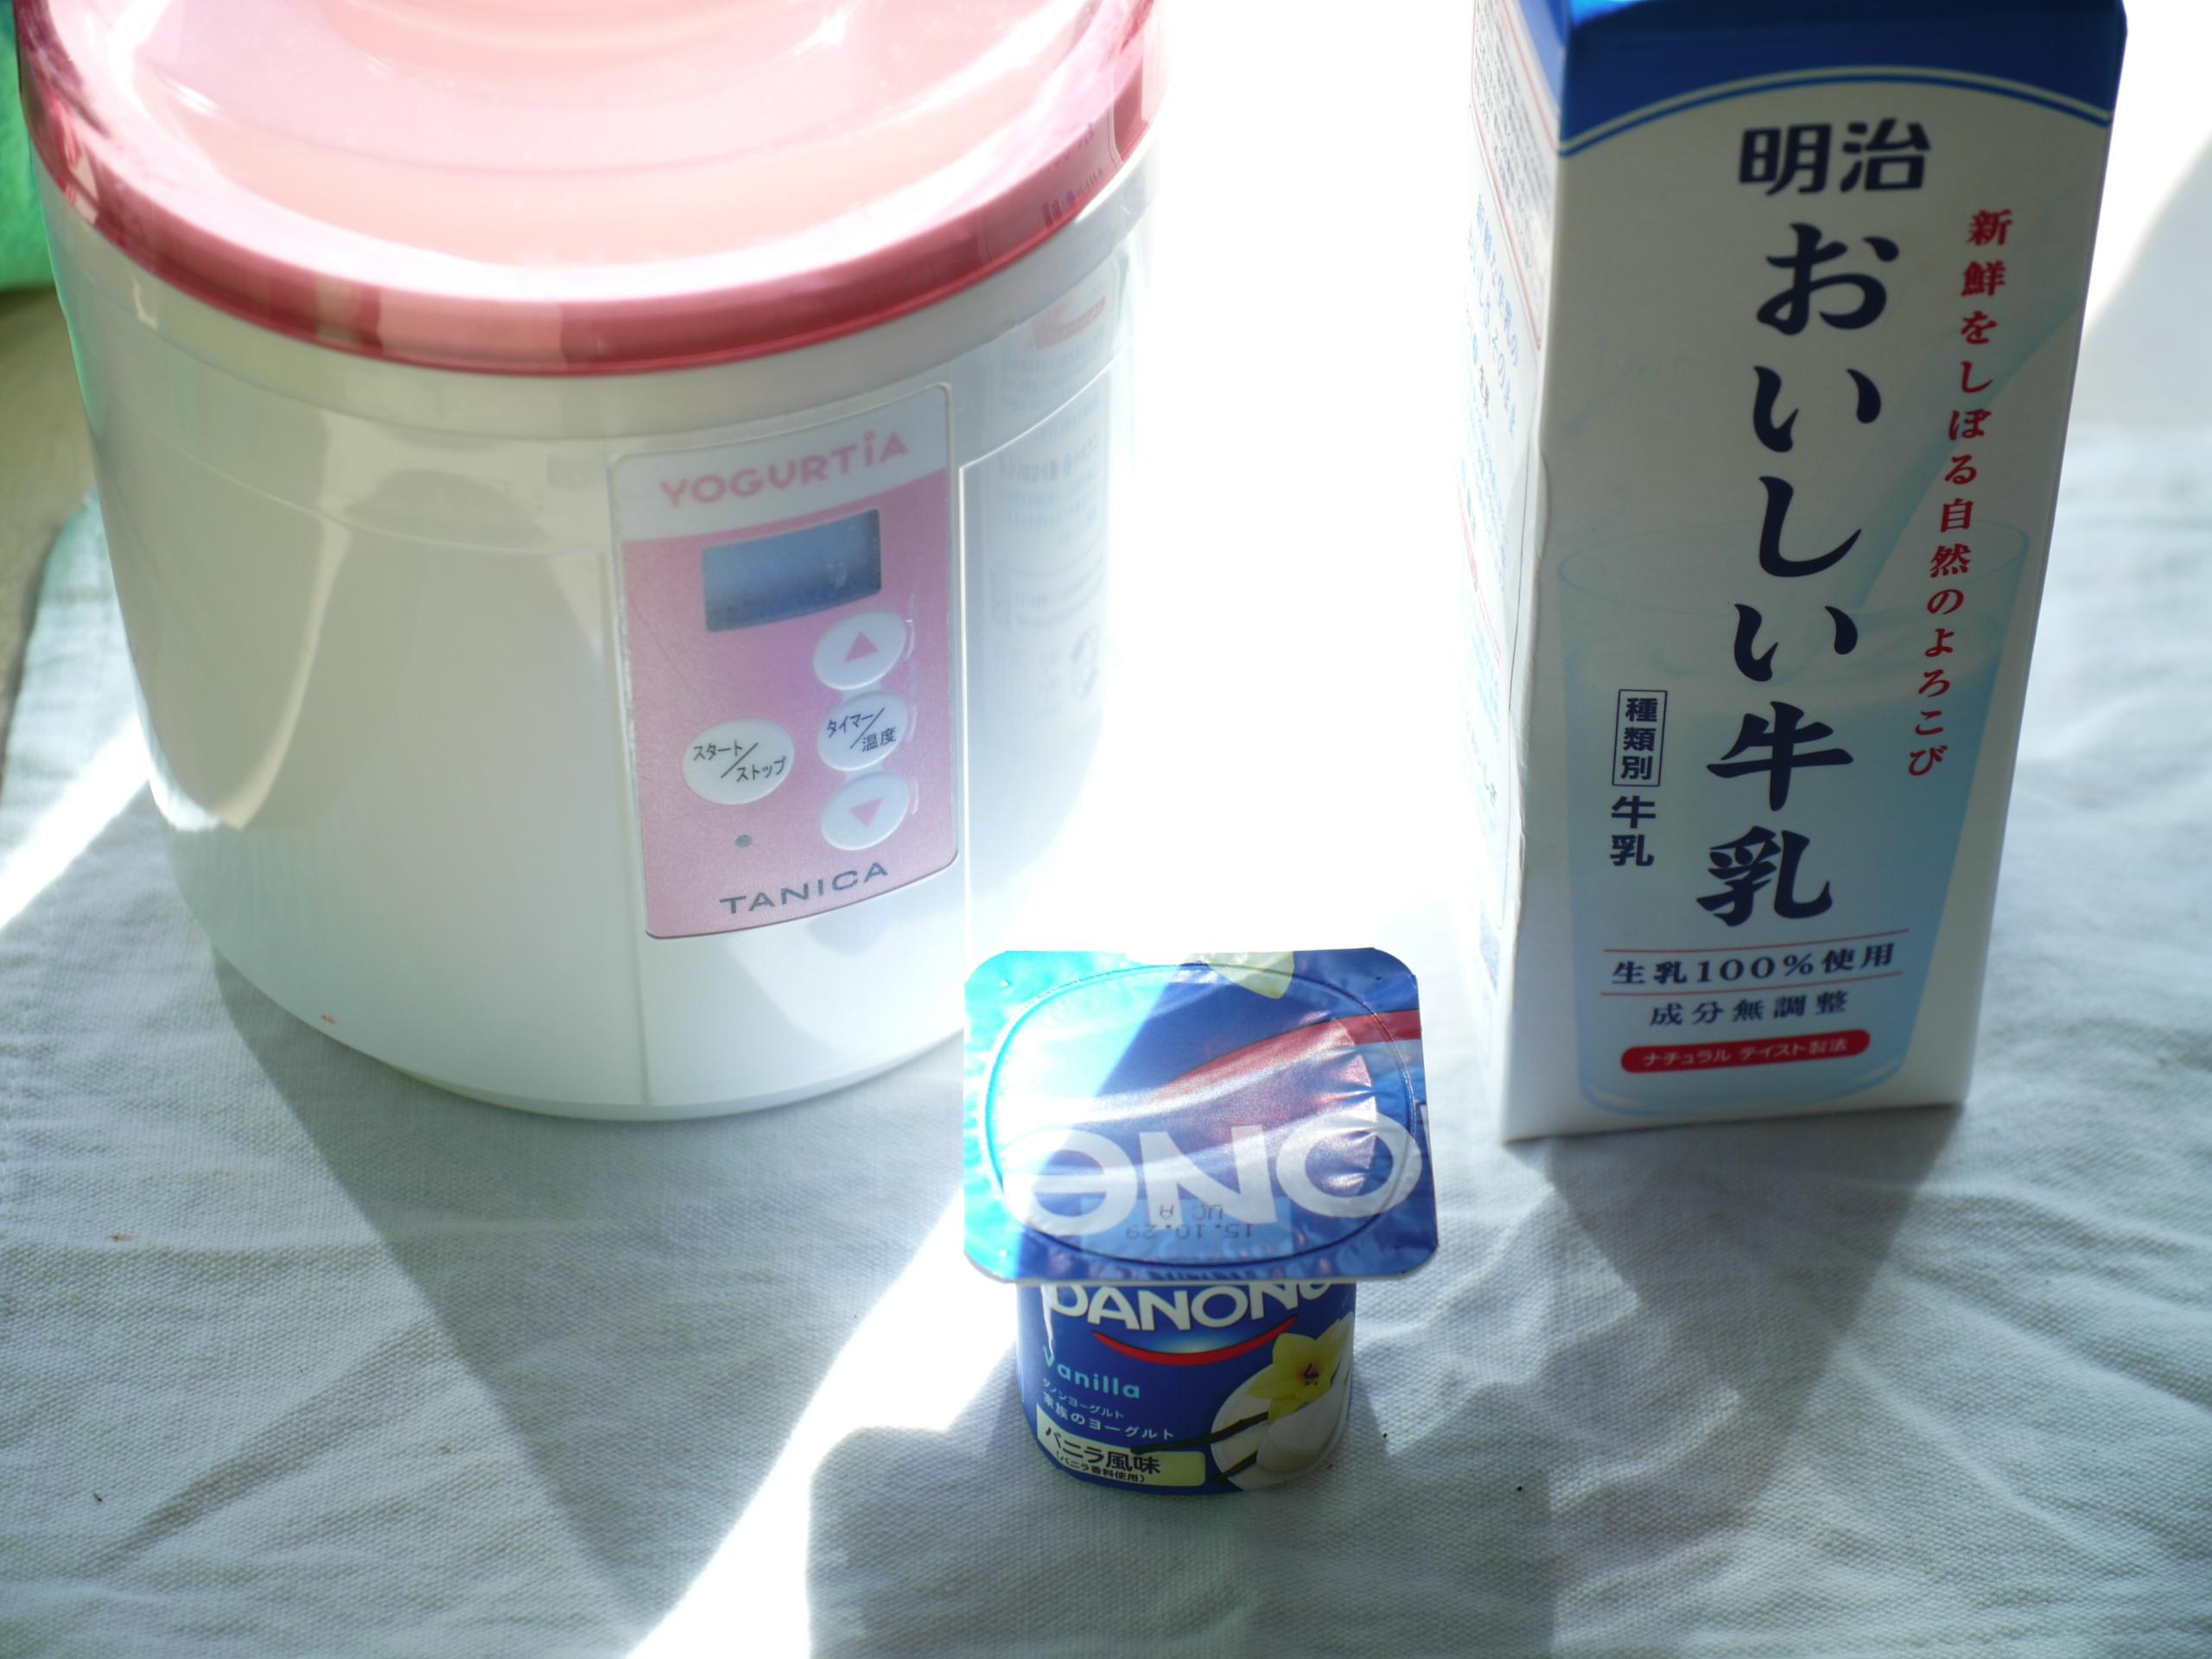 ヨーグルティア、ダノンバニラ風味、おいしい牛乳